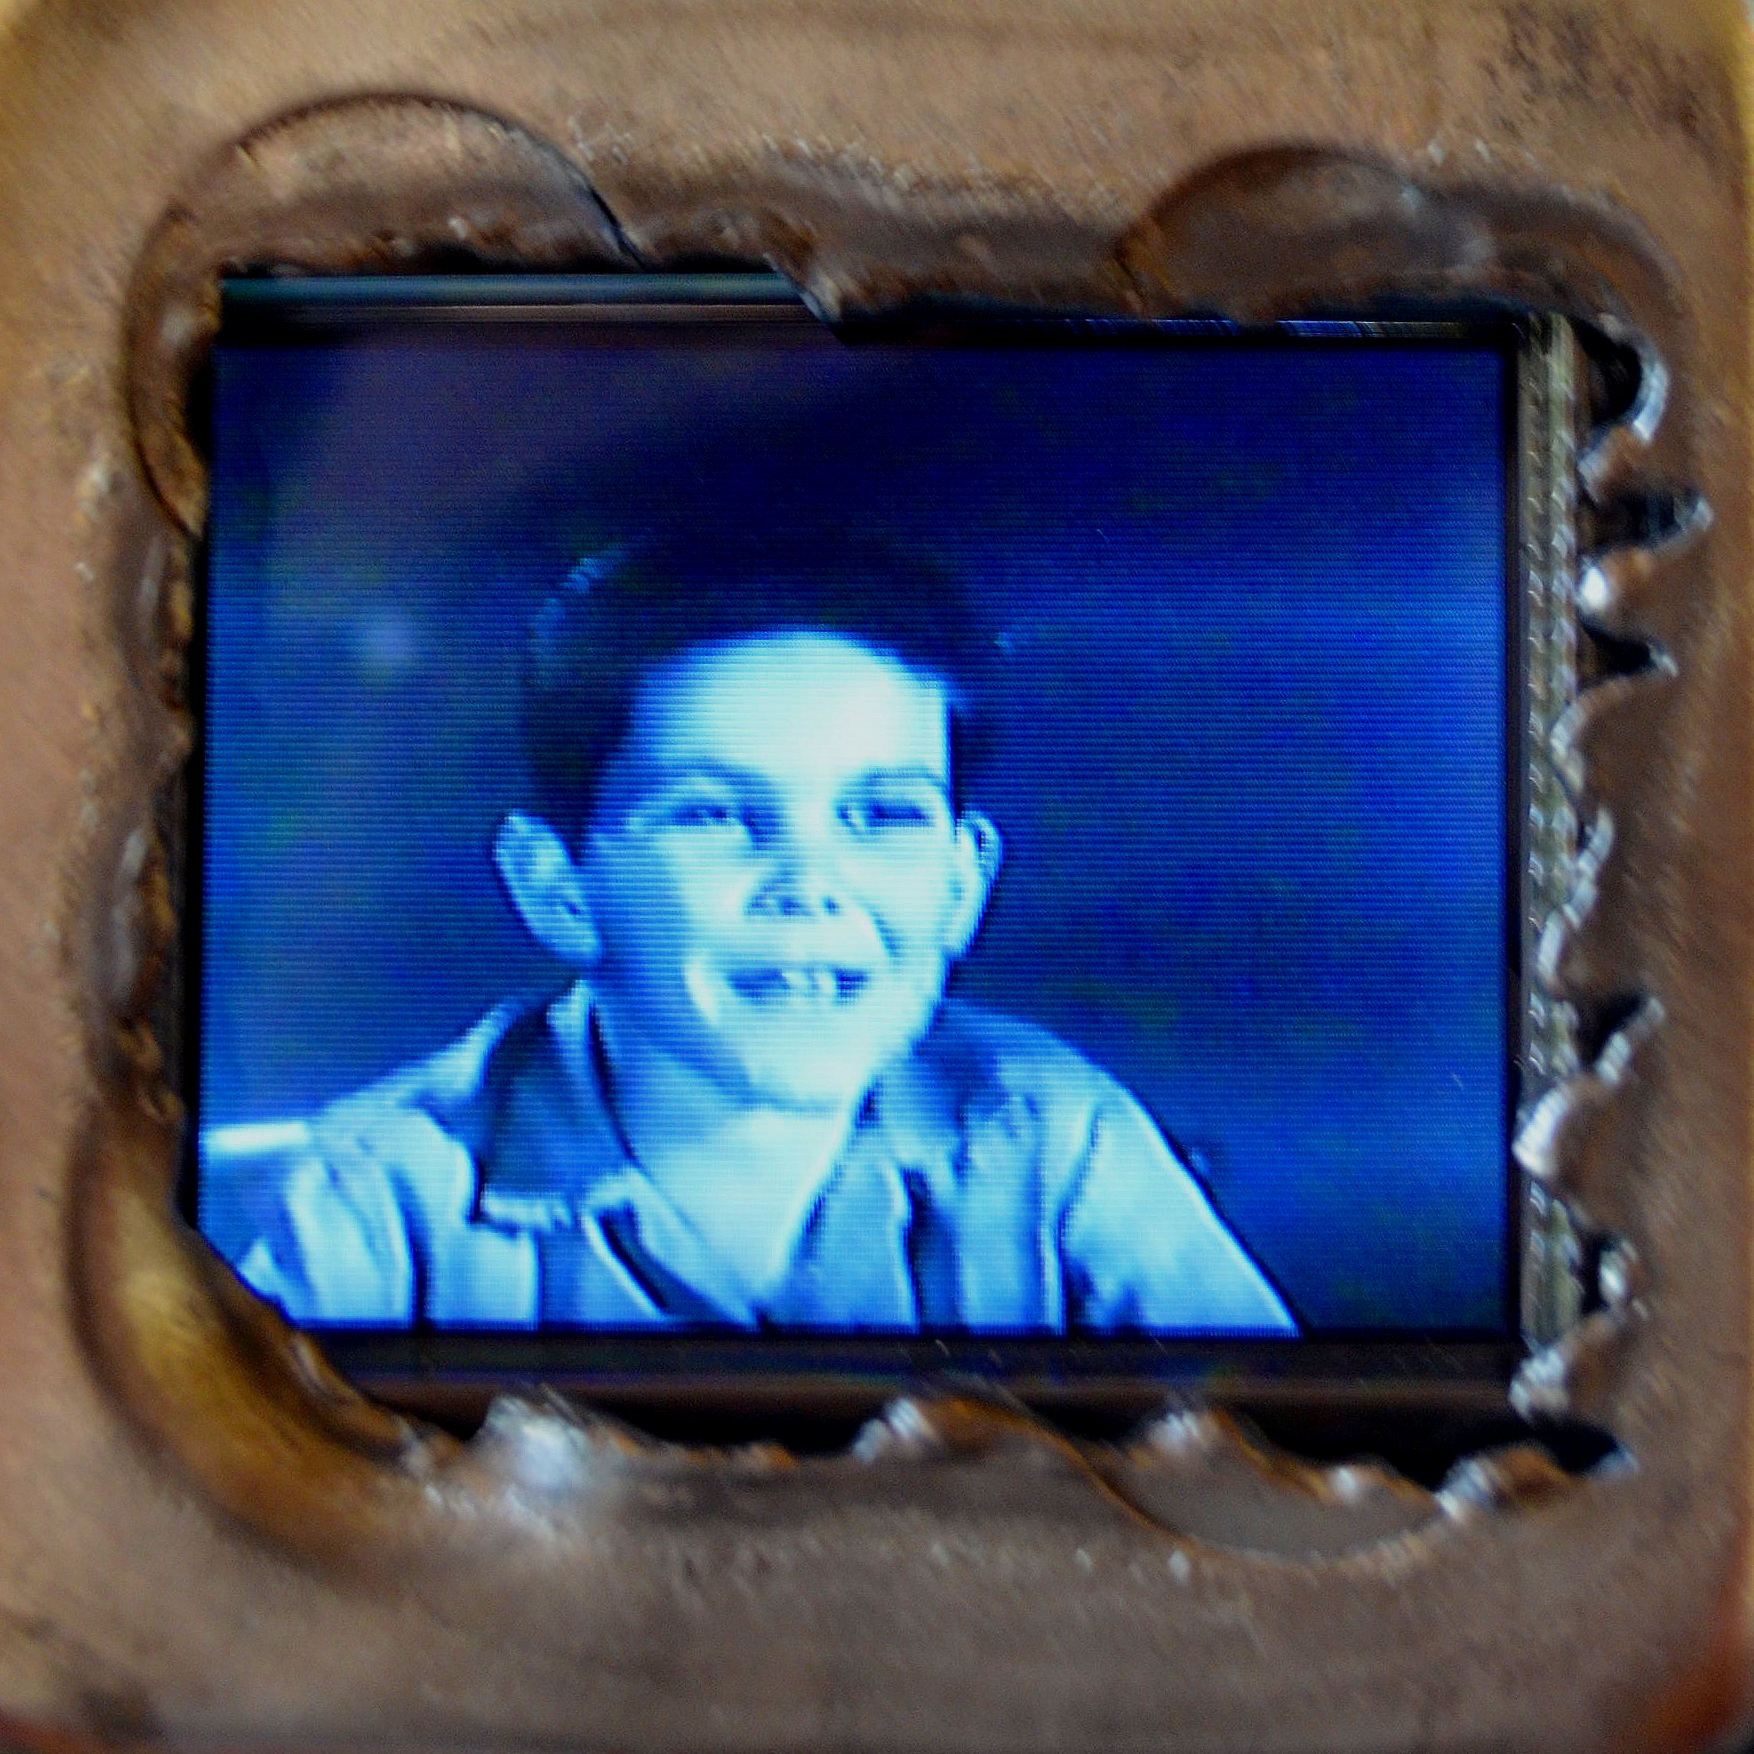 belveal-art-tv-monitor-icon-overdigitized.jpg